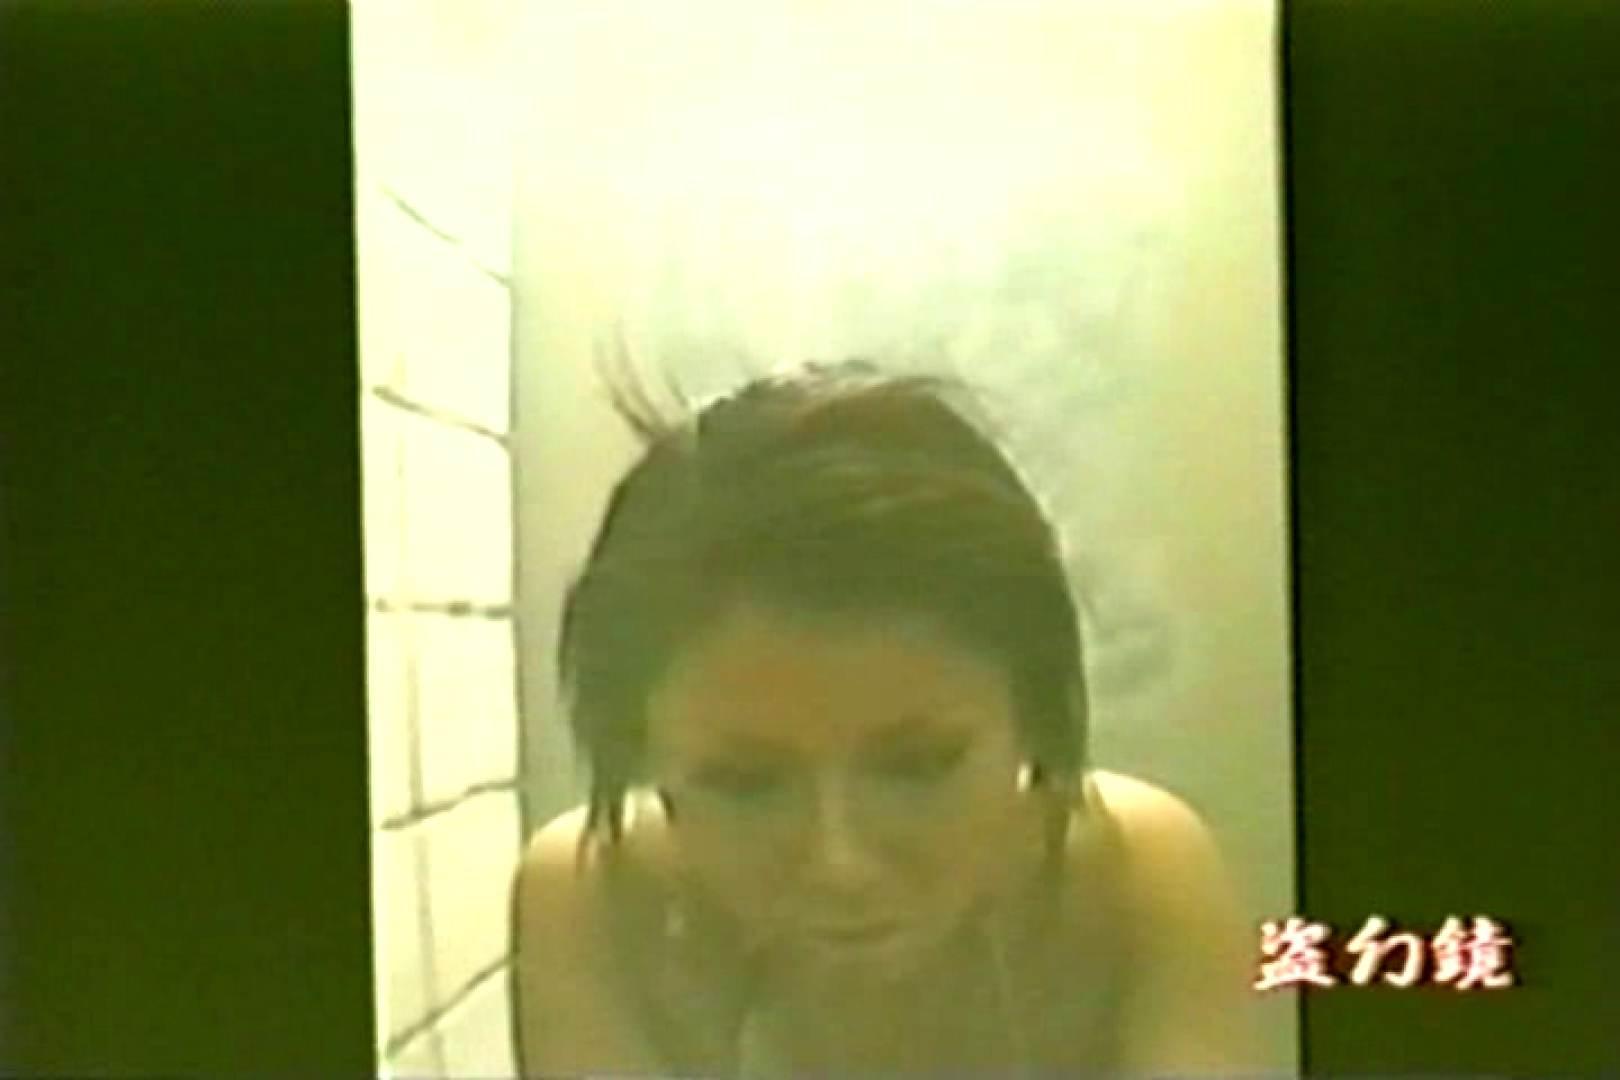 水着ギャル和式女子 MT-4 ギャル 隠し撮りオマンコ動画紹介 109PIX 86